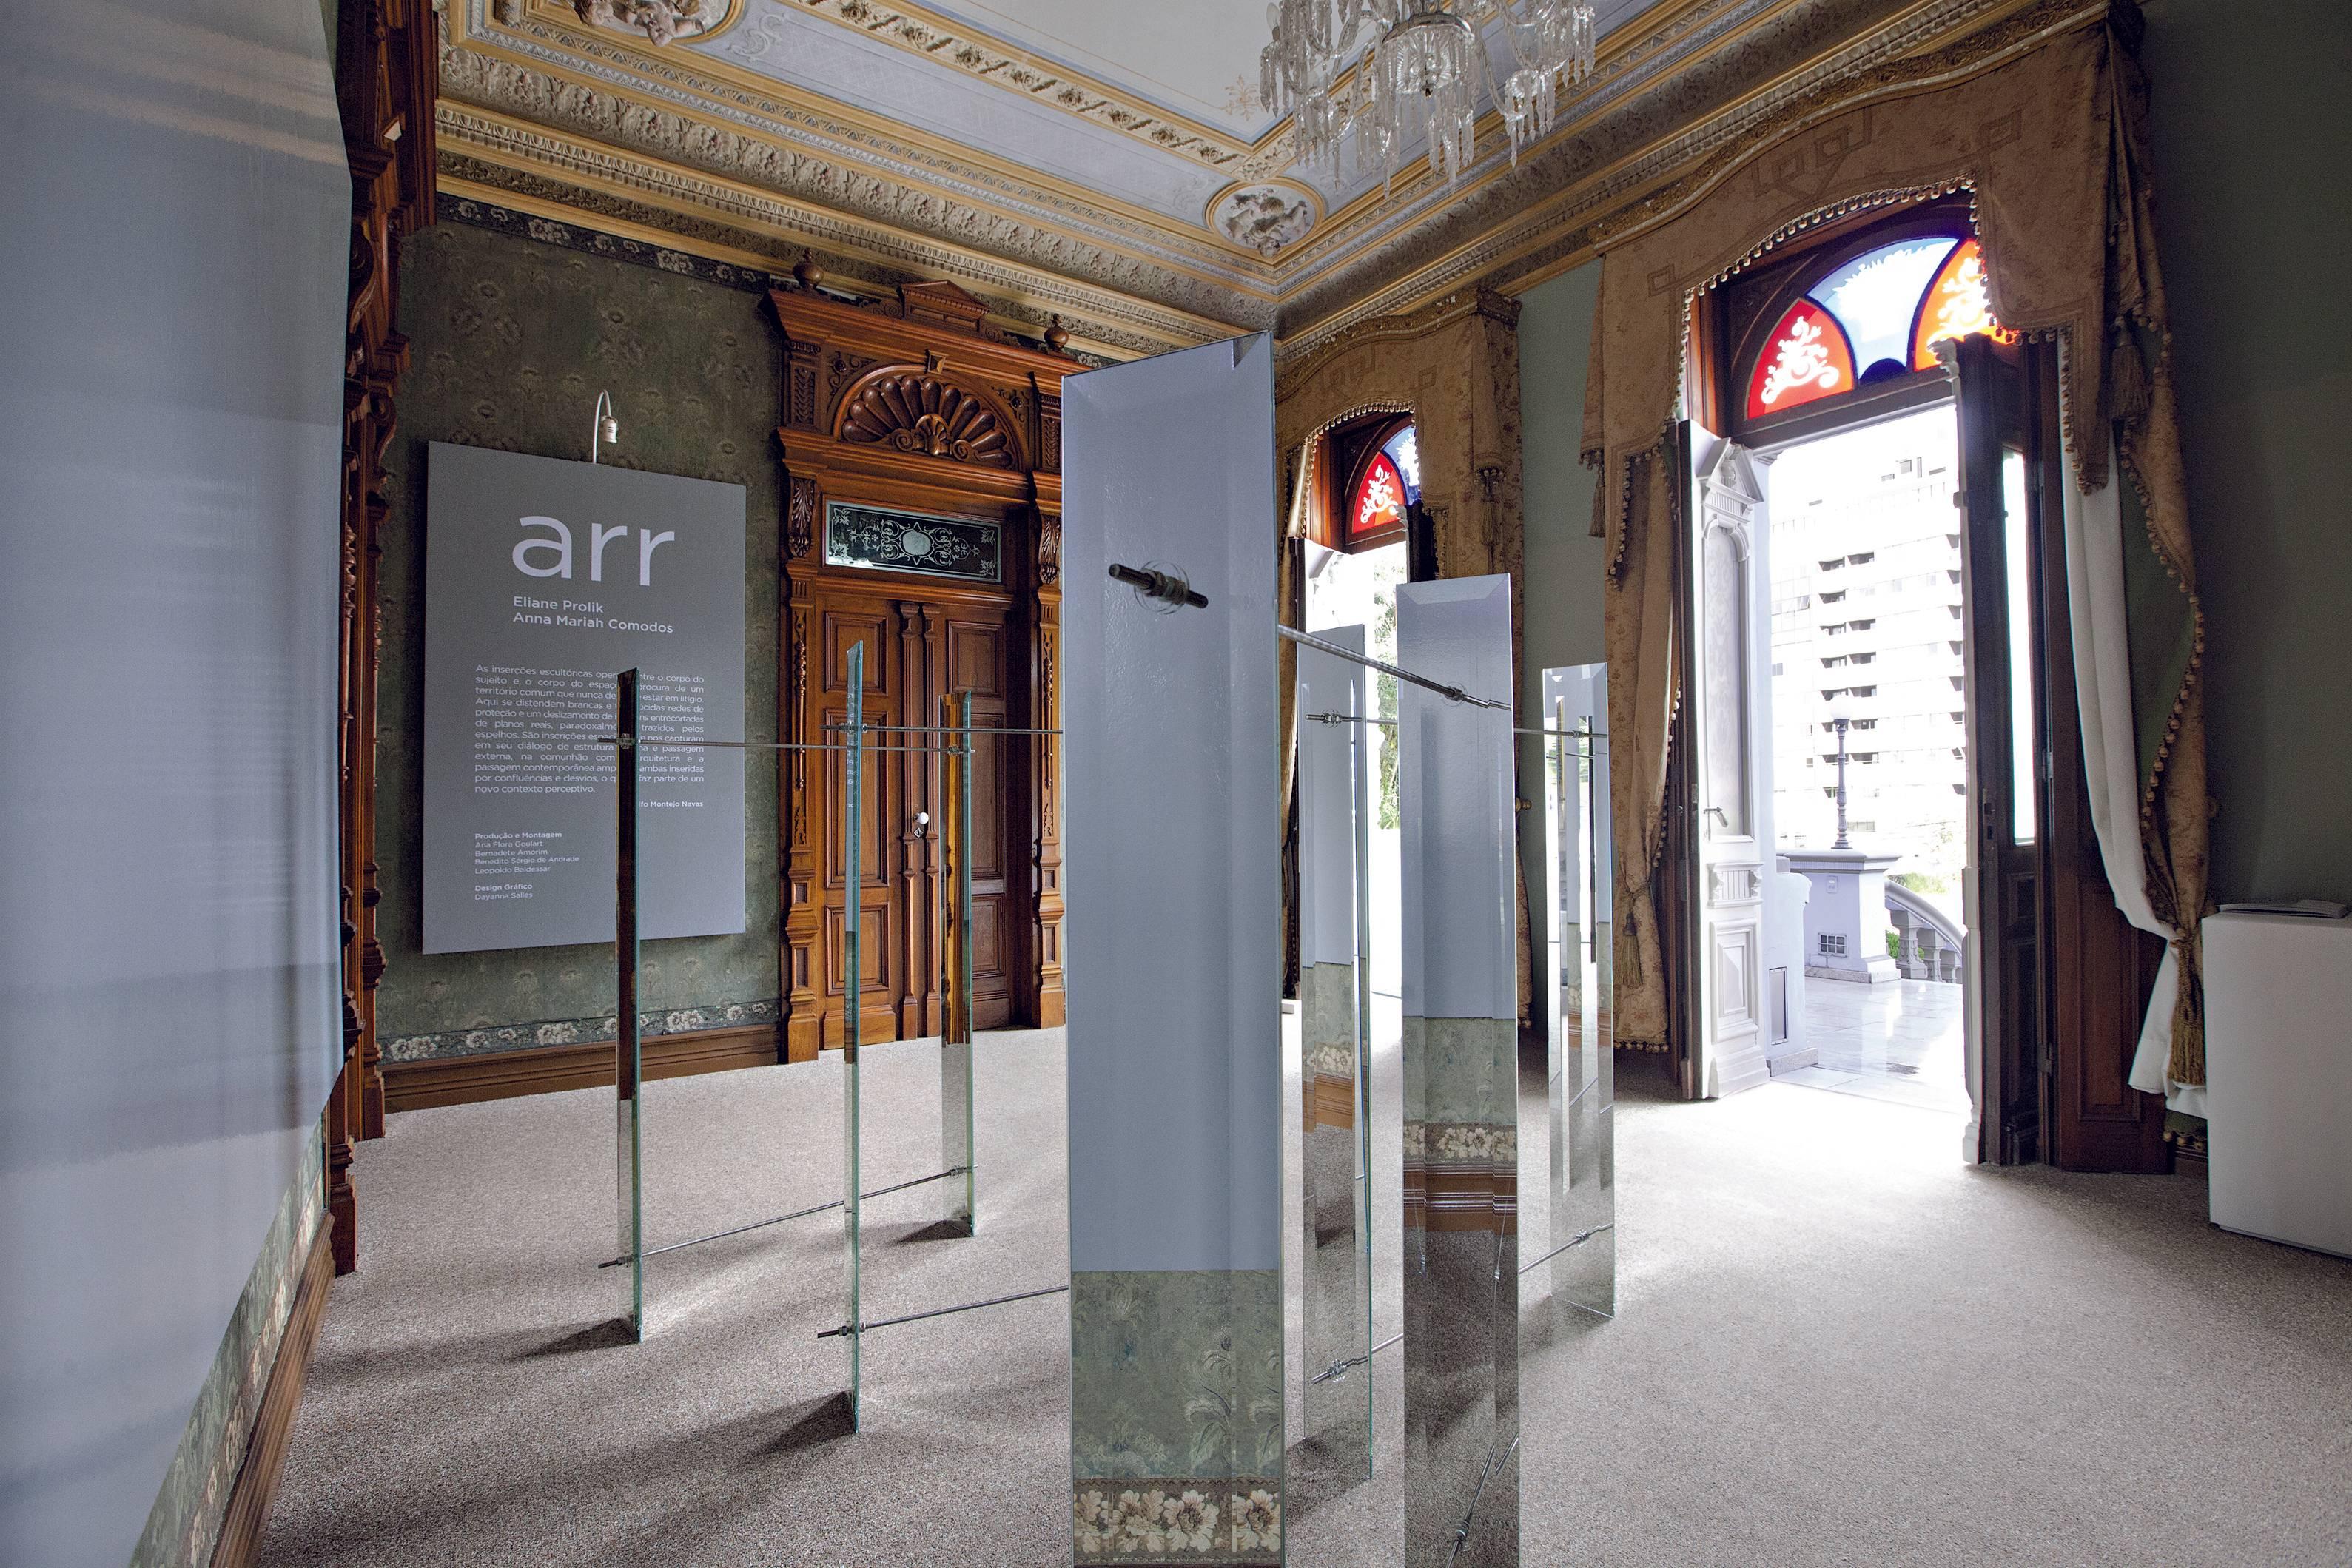 """""""Espelho-espelho"""": obra de Eliane Prolik na exposição ARR, de 2015. Foto: Marcelo Almeida/ Divulgação"""